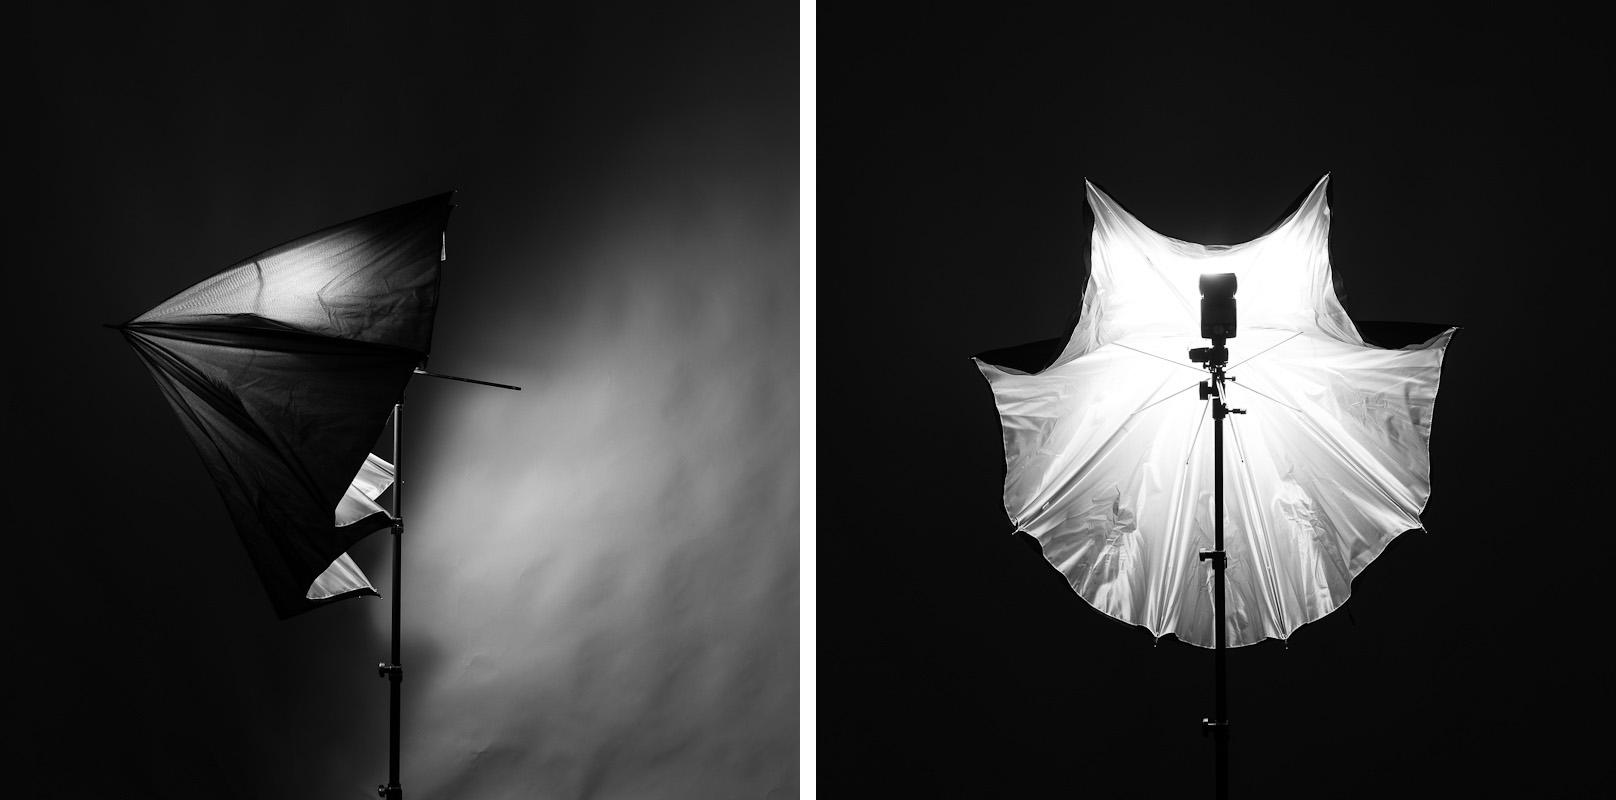 © 2012 Erik Valind